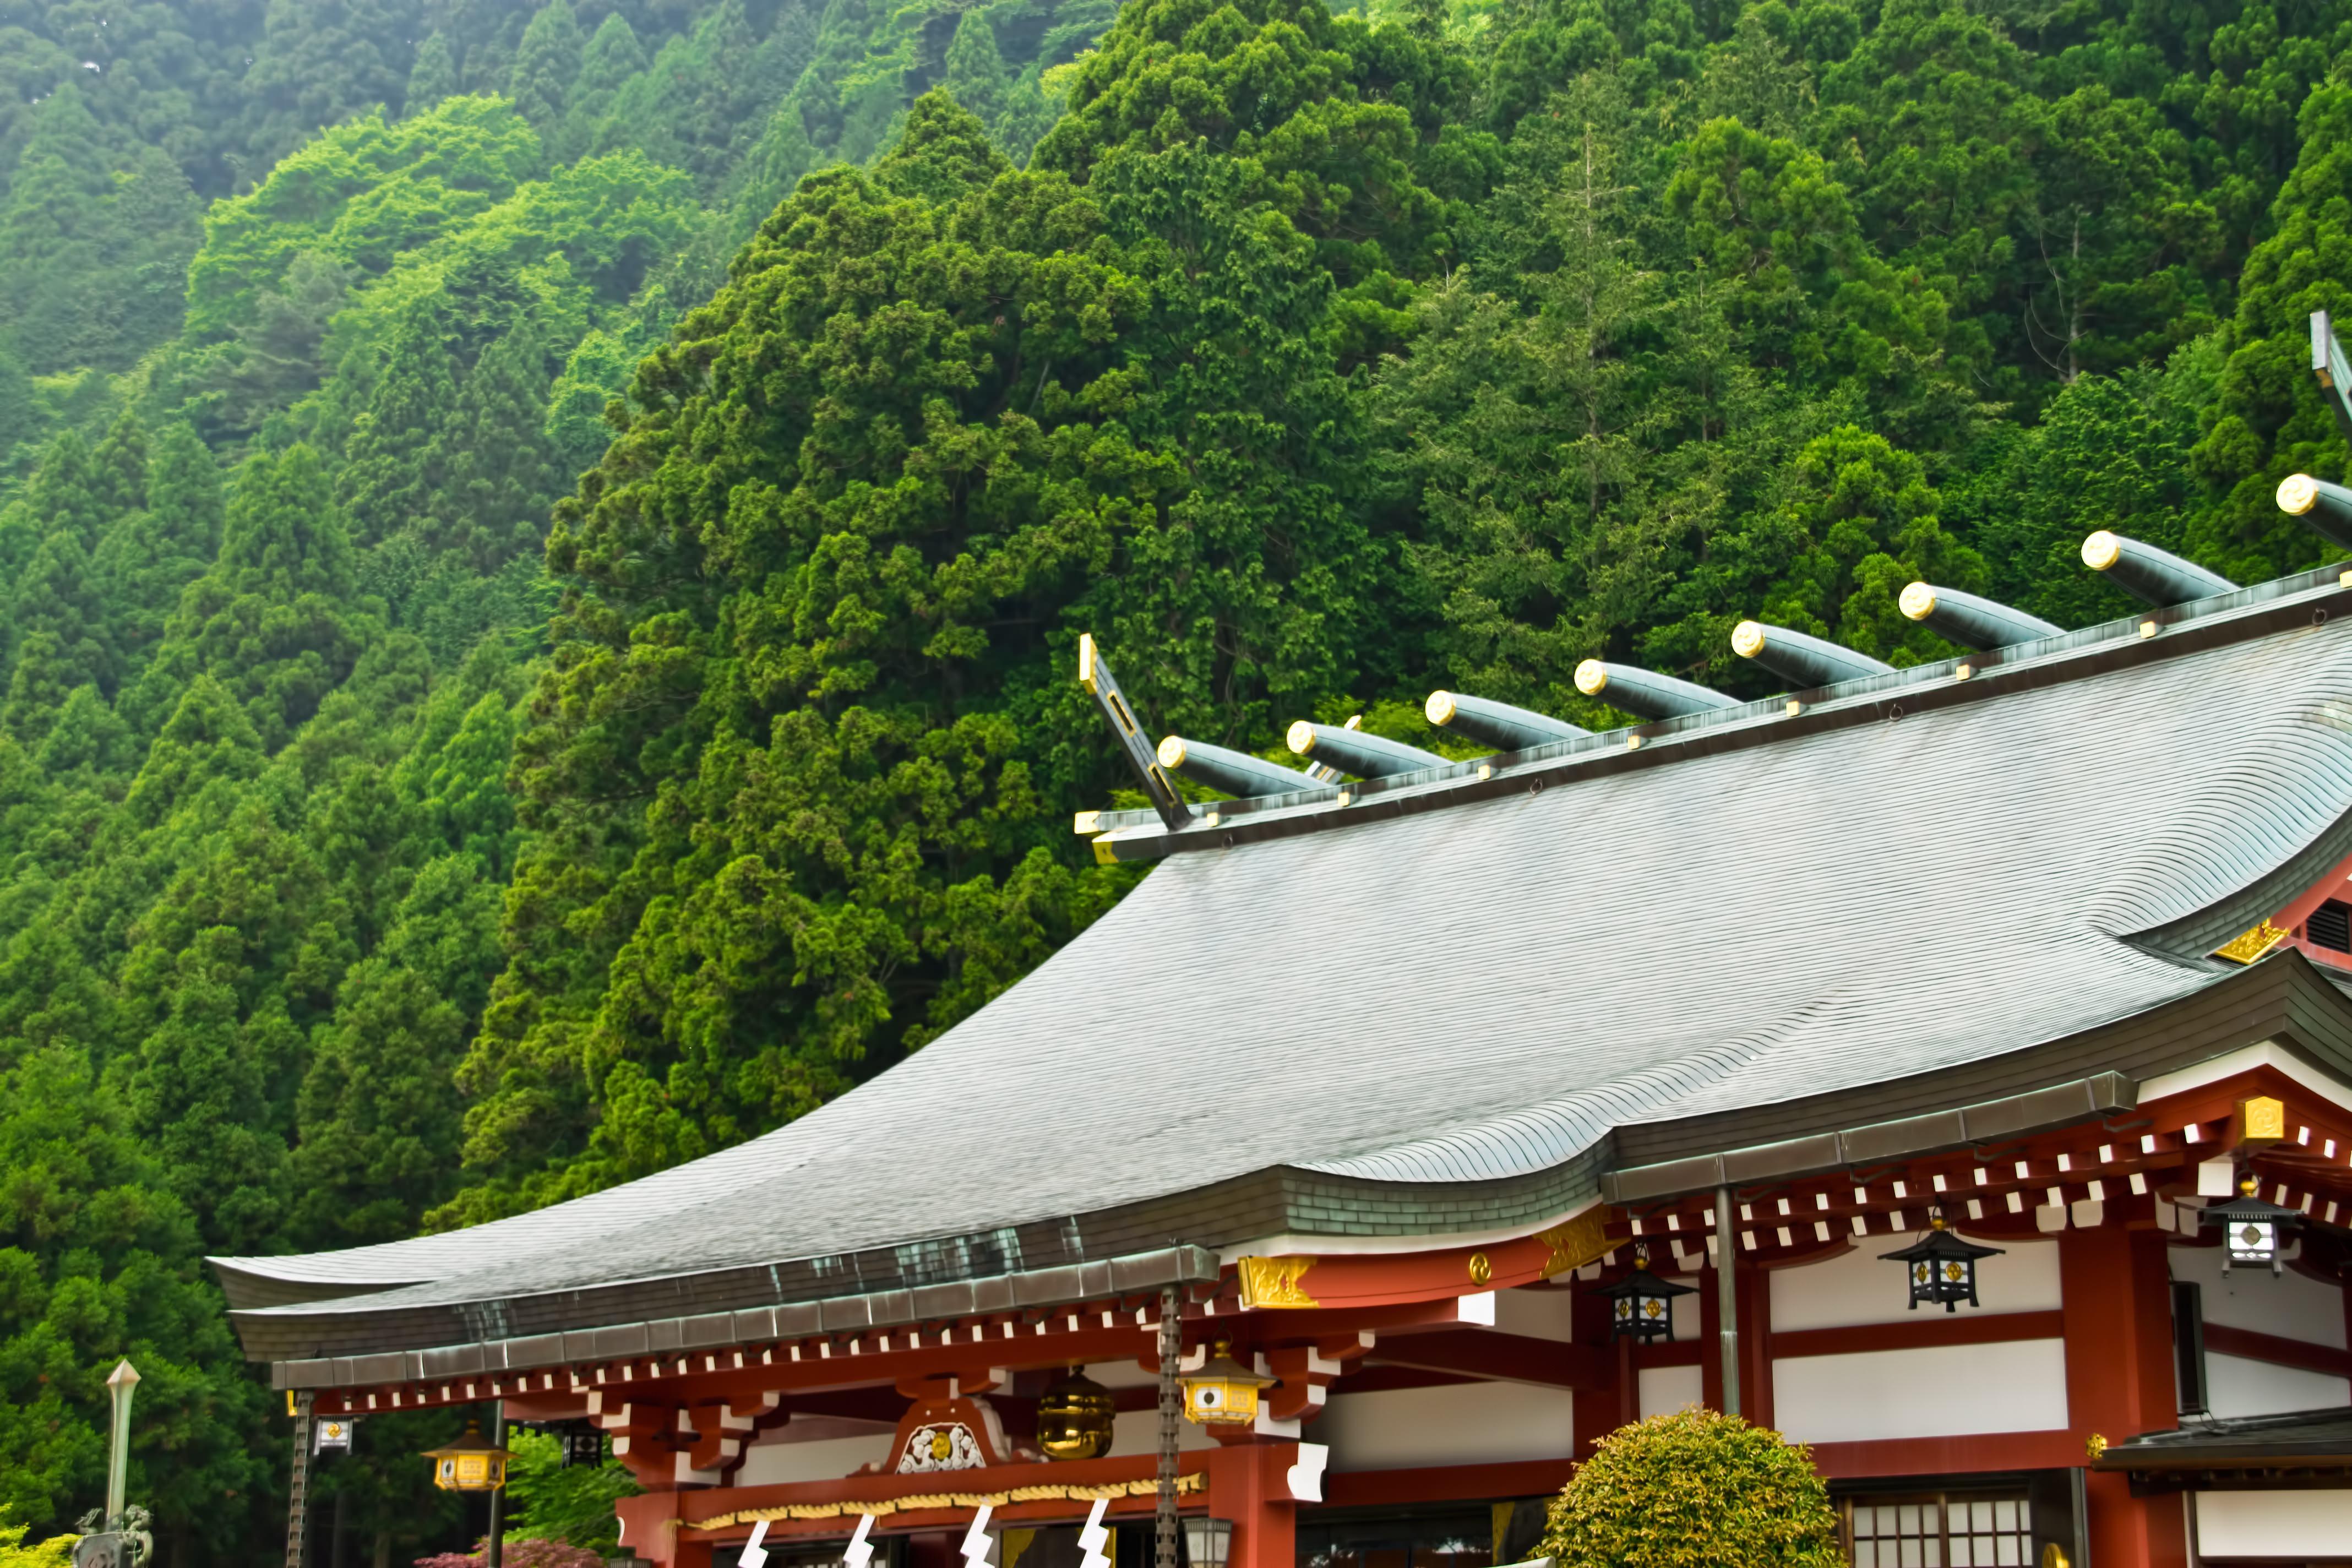 最近の神社・お寺はハイカラだ!おしゃれな和のデザイン5選